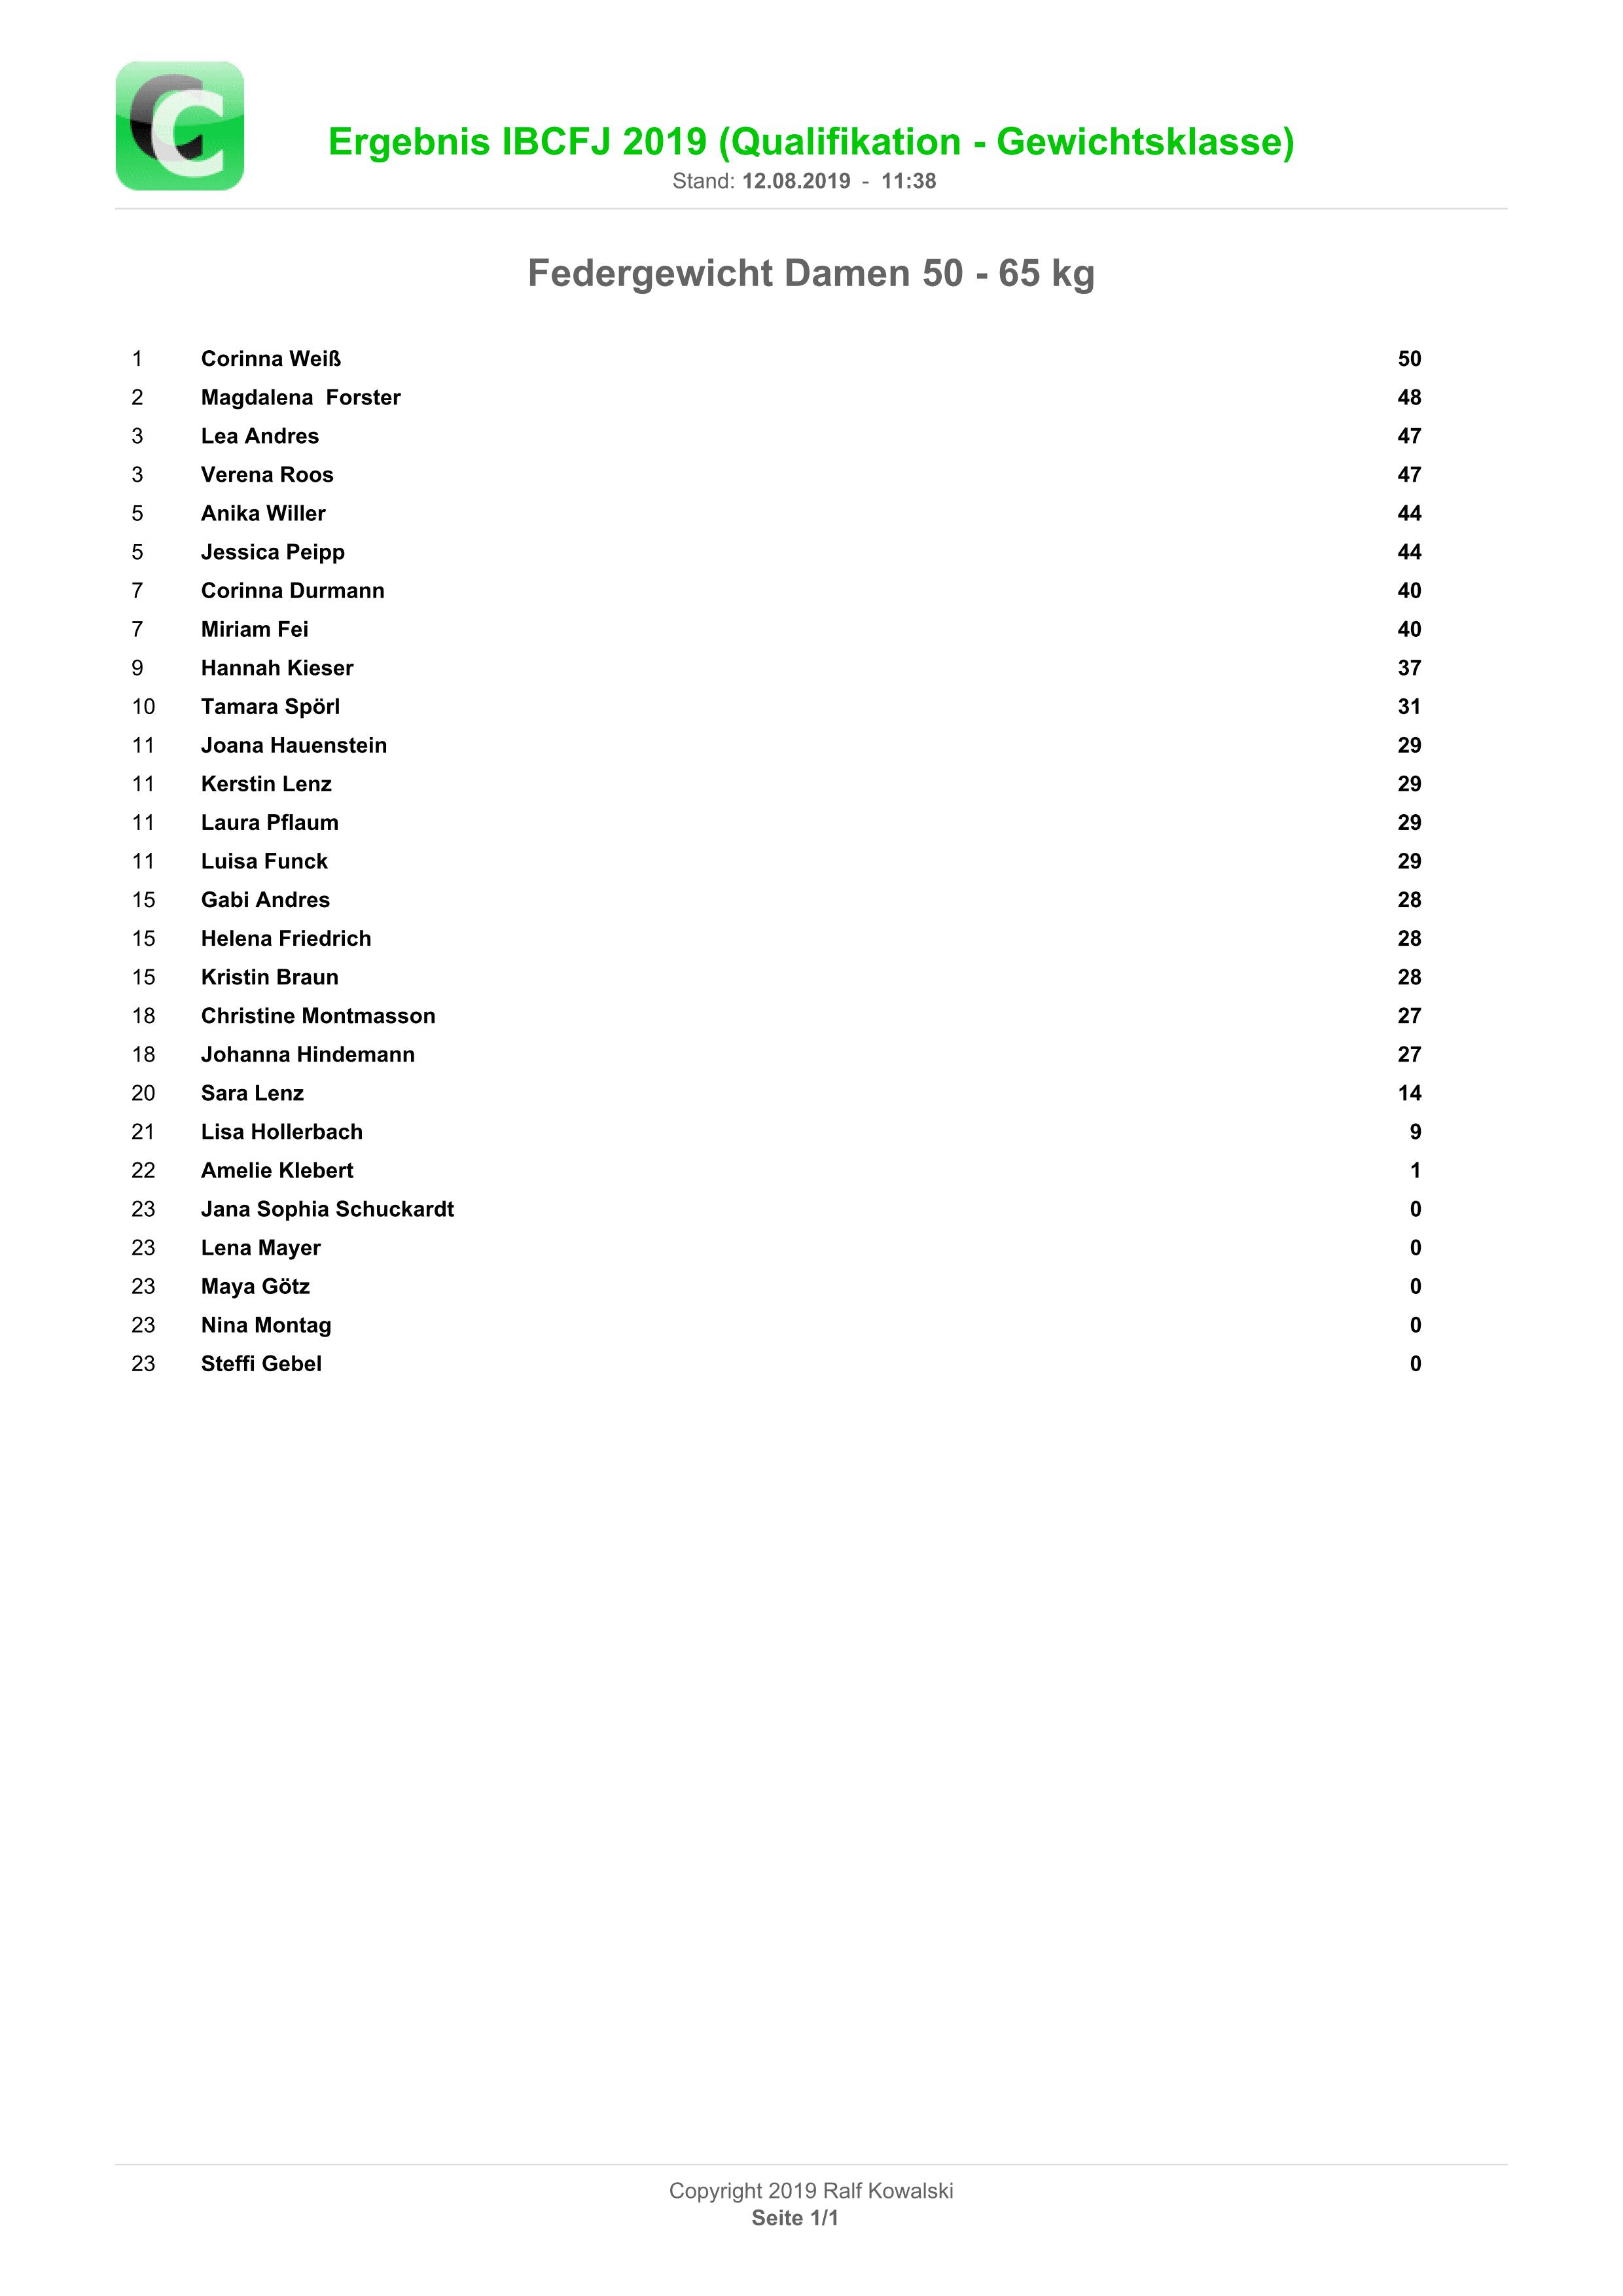 Ergebnisliste Federgewicht Damen